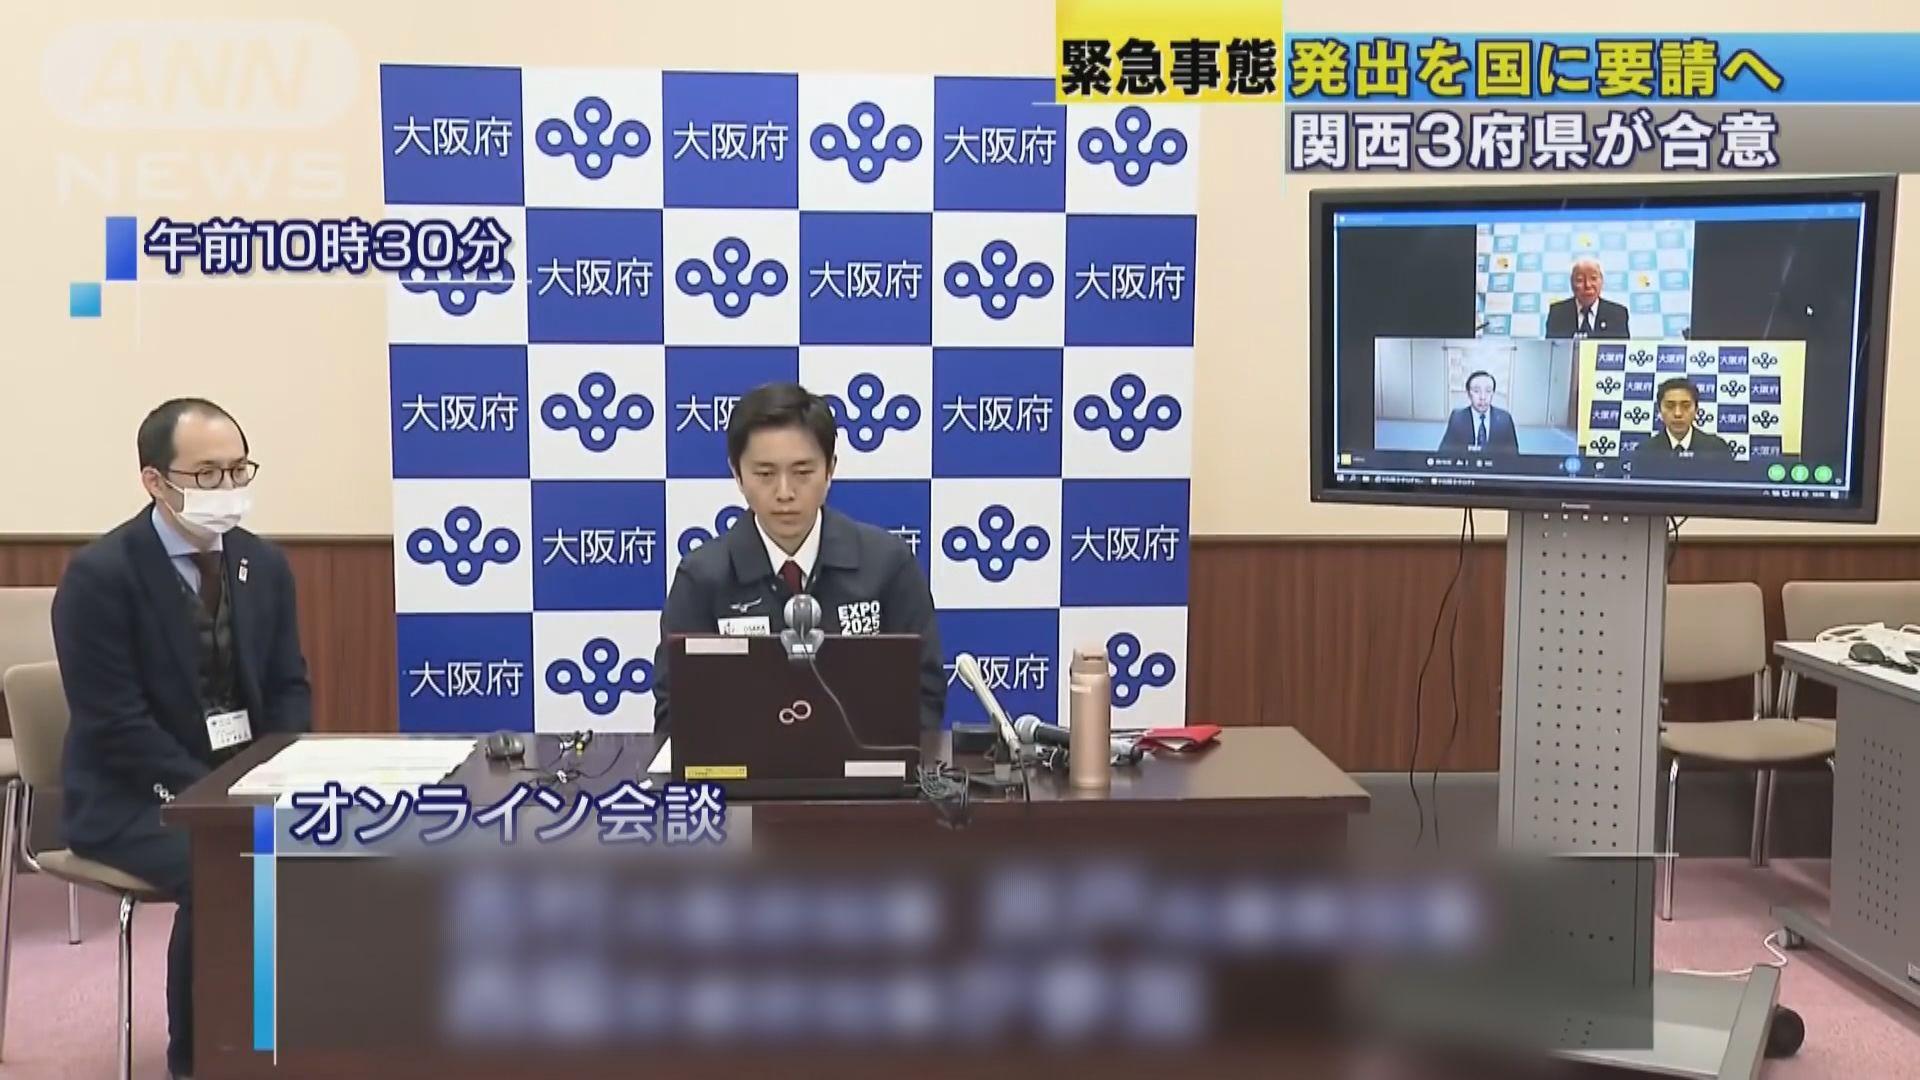 日本疫情未受控 菅義偉政府被批反應太慢